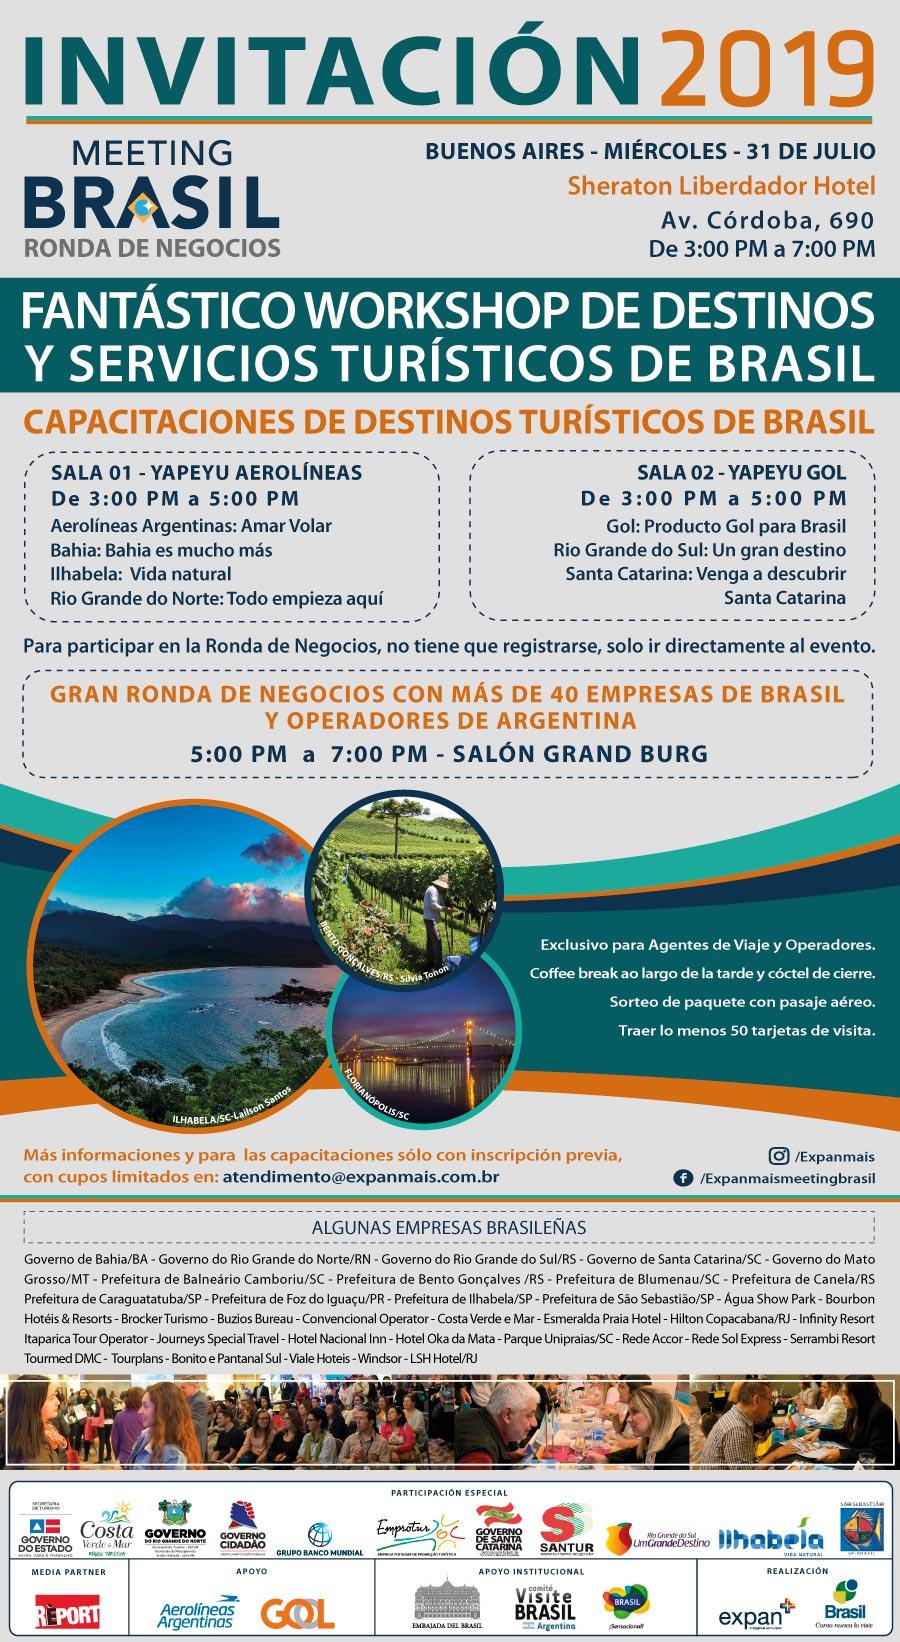 Meeting Brasil - Os desafios e as certezas de mais uma jornada